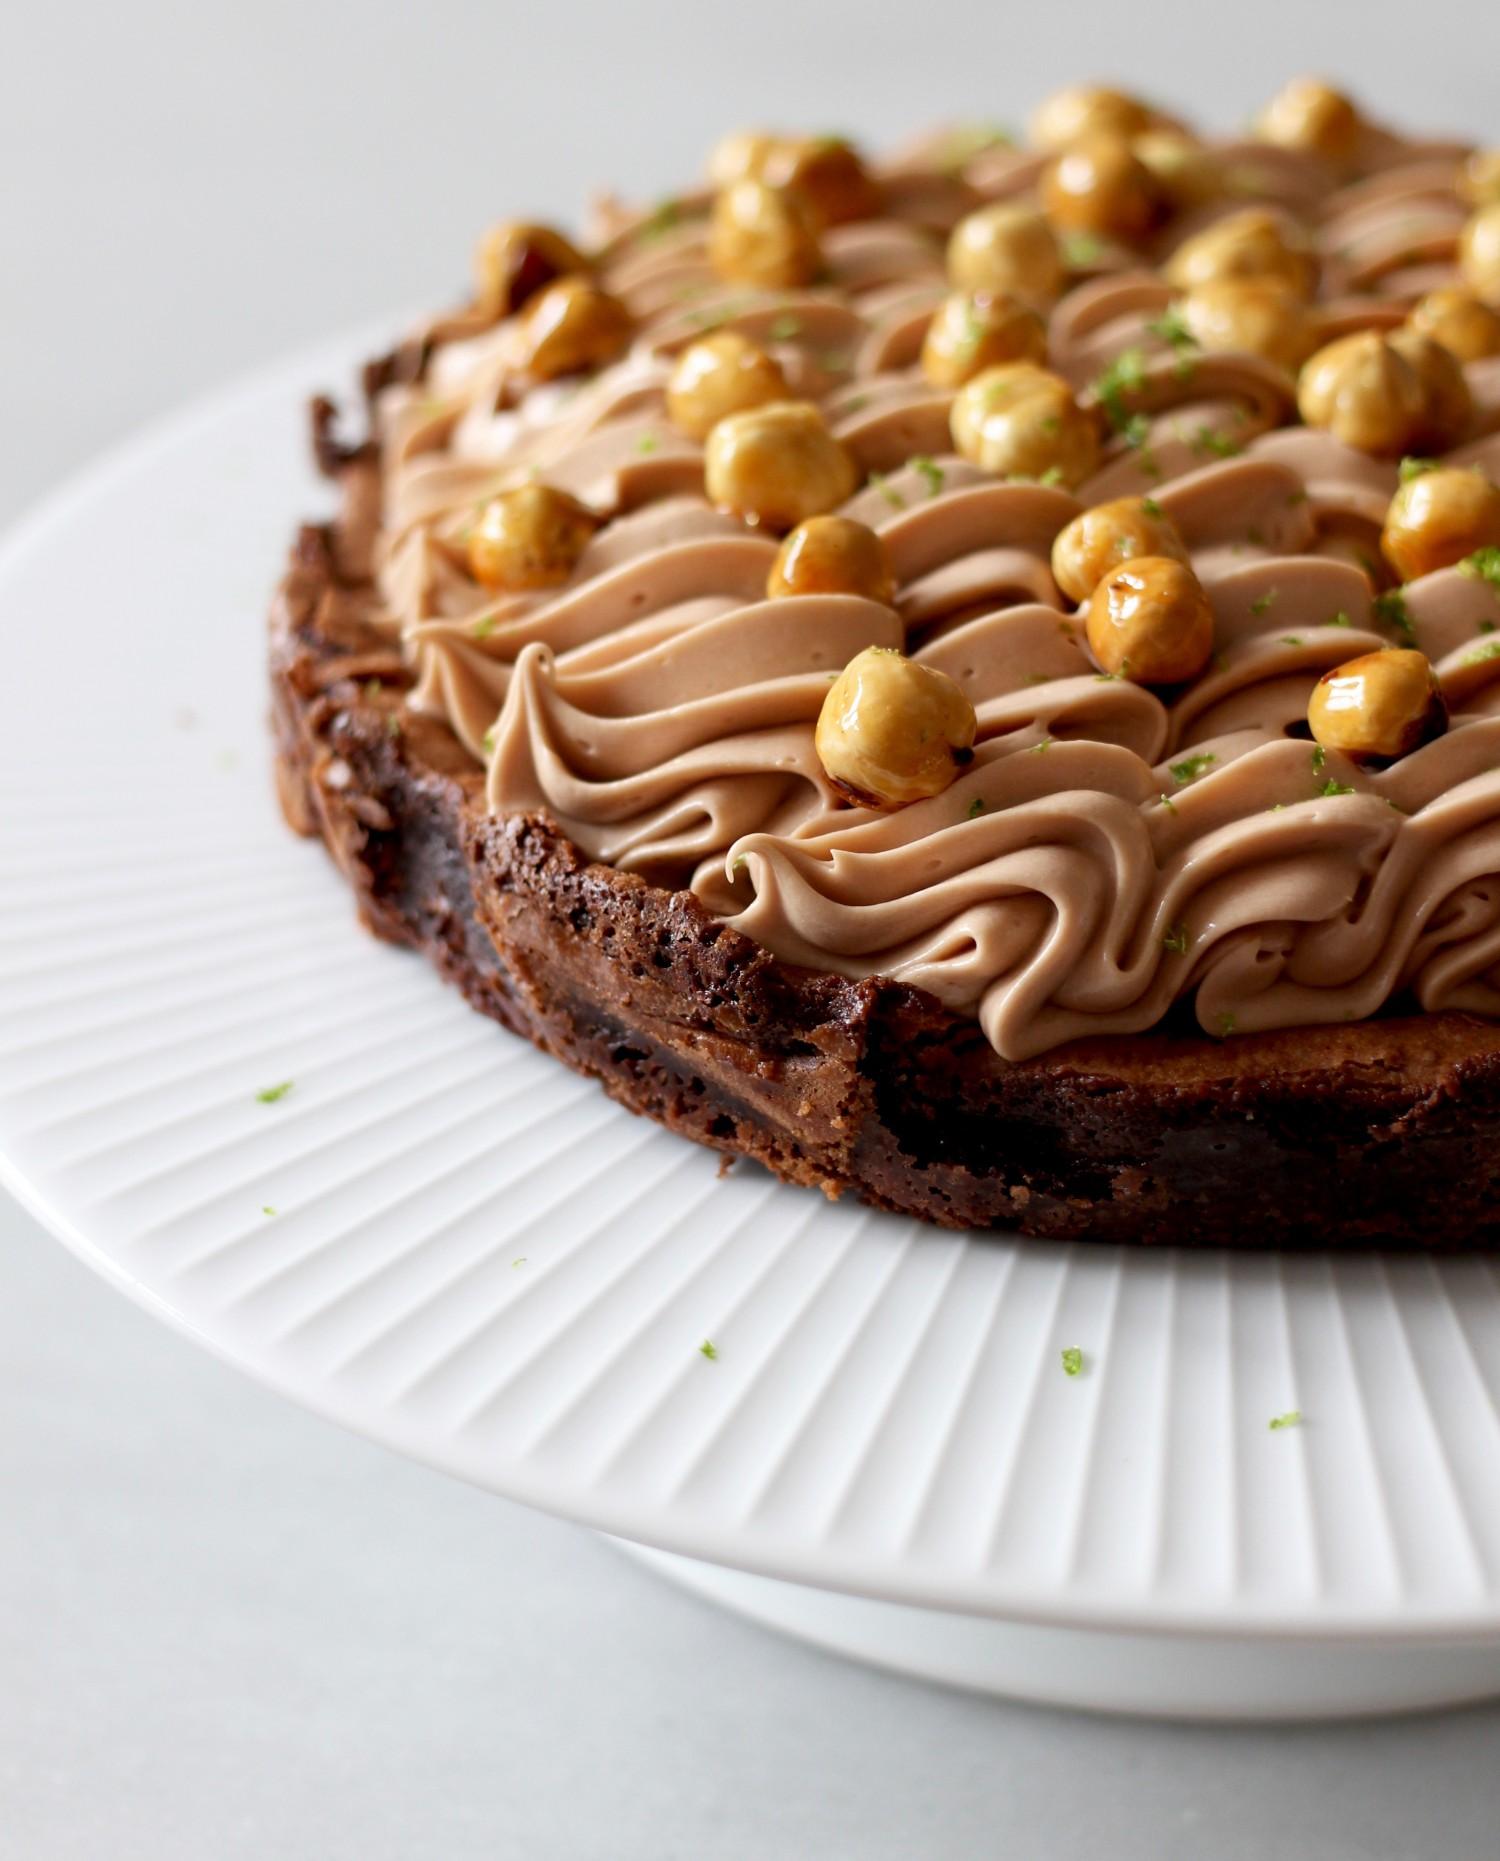 glutenfri-chokoladekage-callebaut-annemette-voss-9